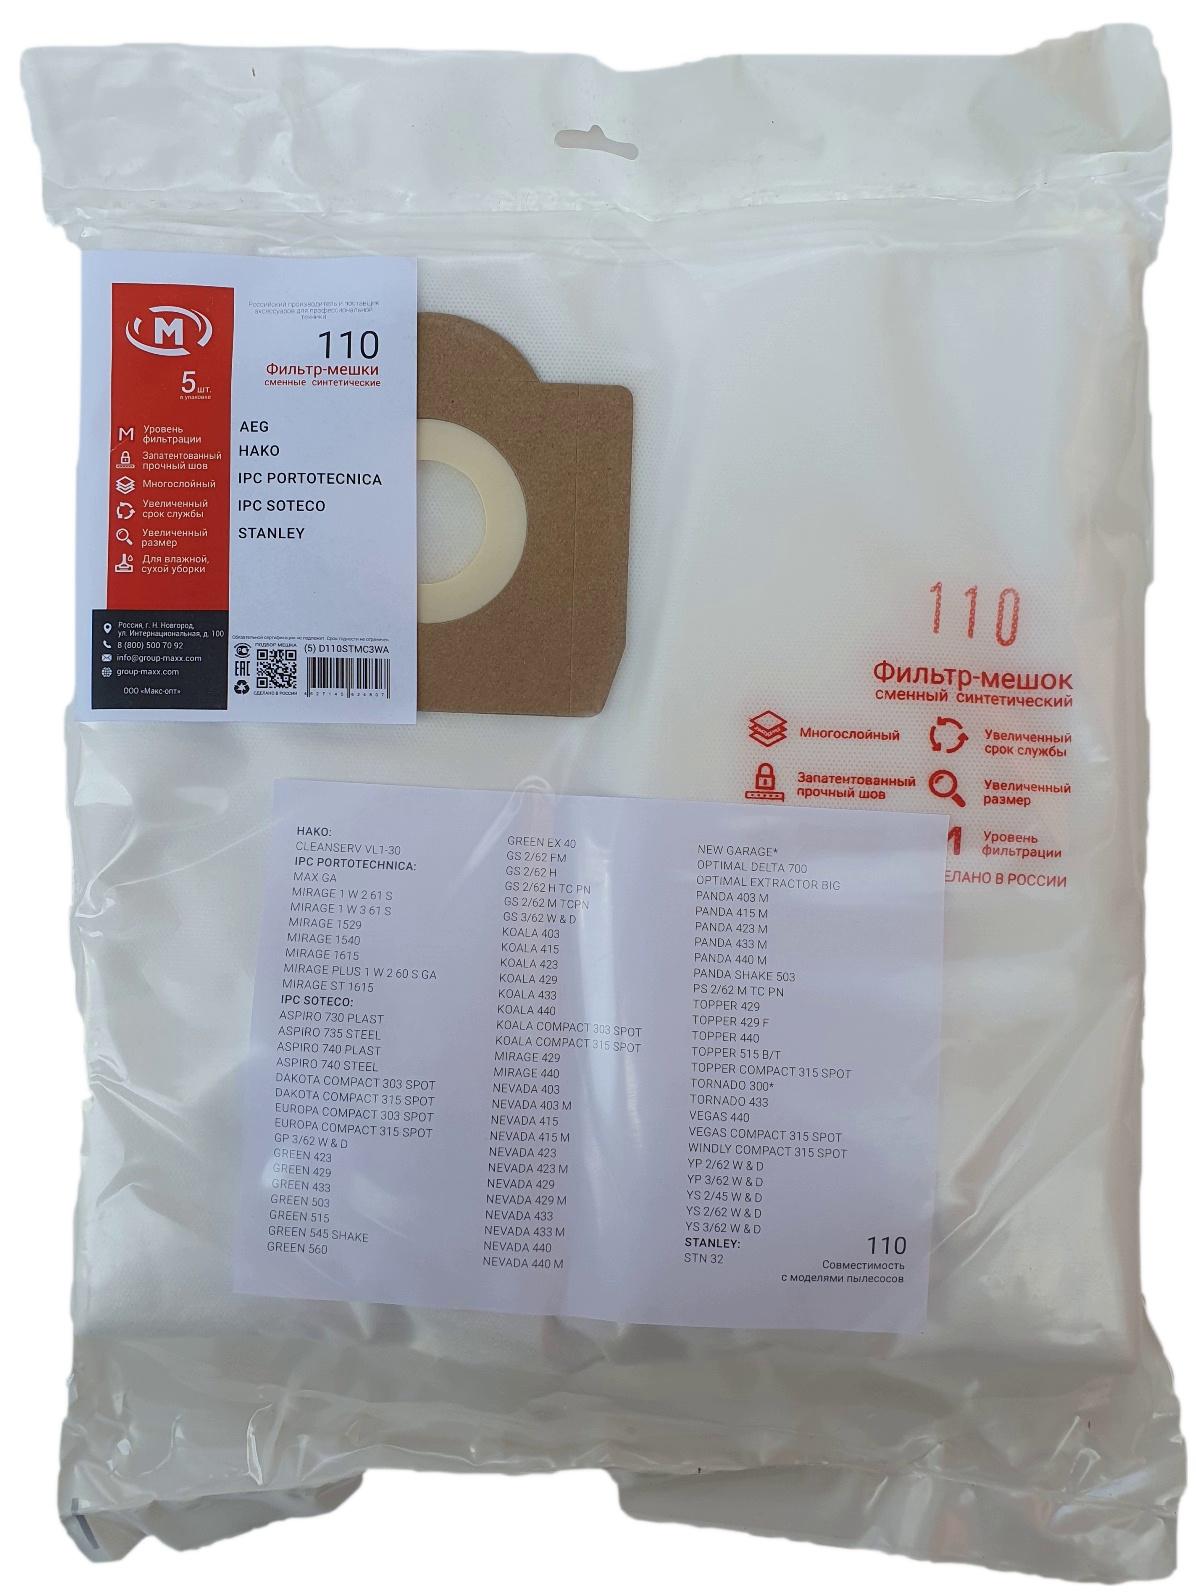 Пылесборники MAXX 110 для промышленных пылесосов, 5 шт. кабель ipc 308 black